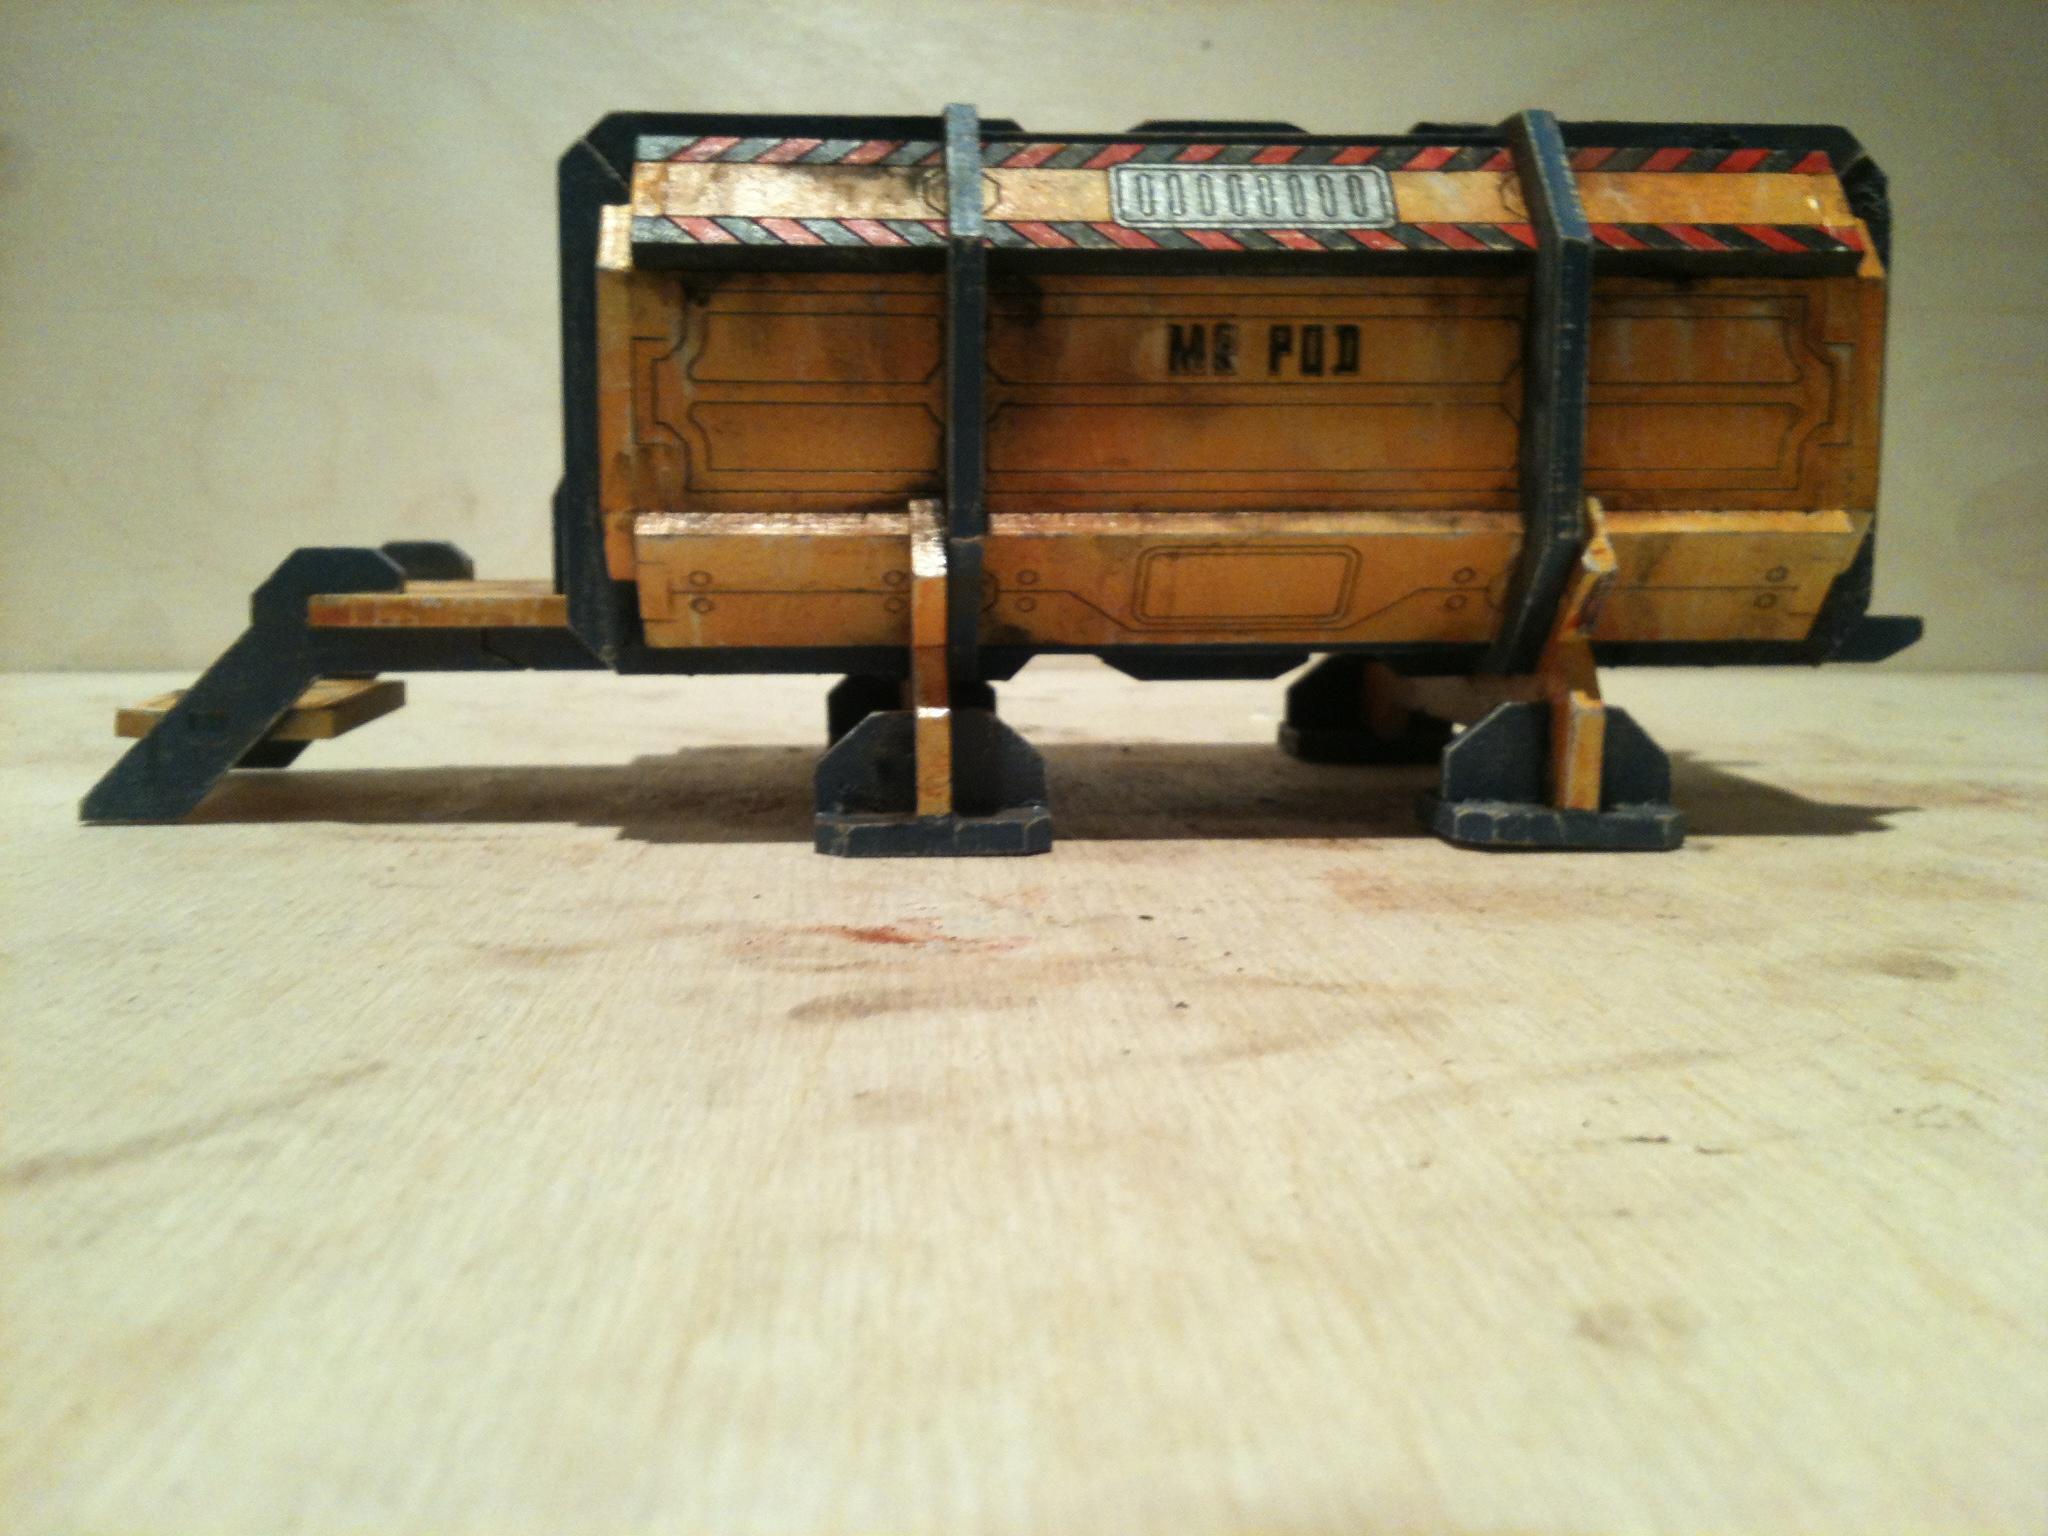 Container, Mdf, Terrain